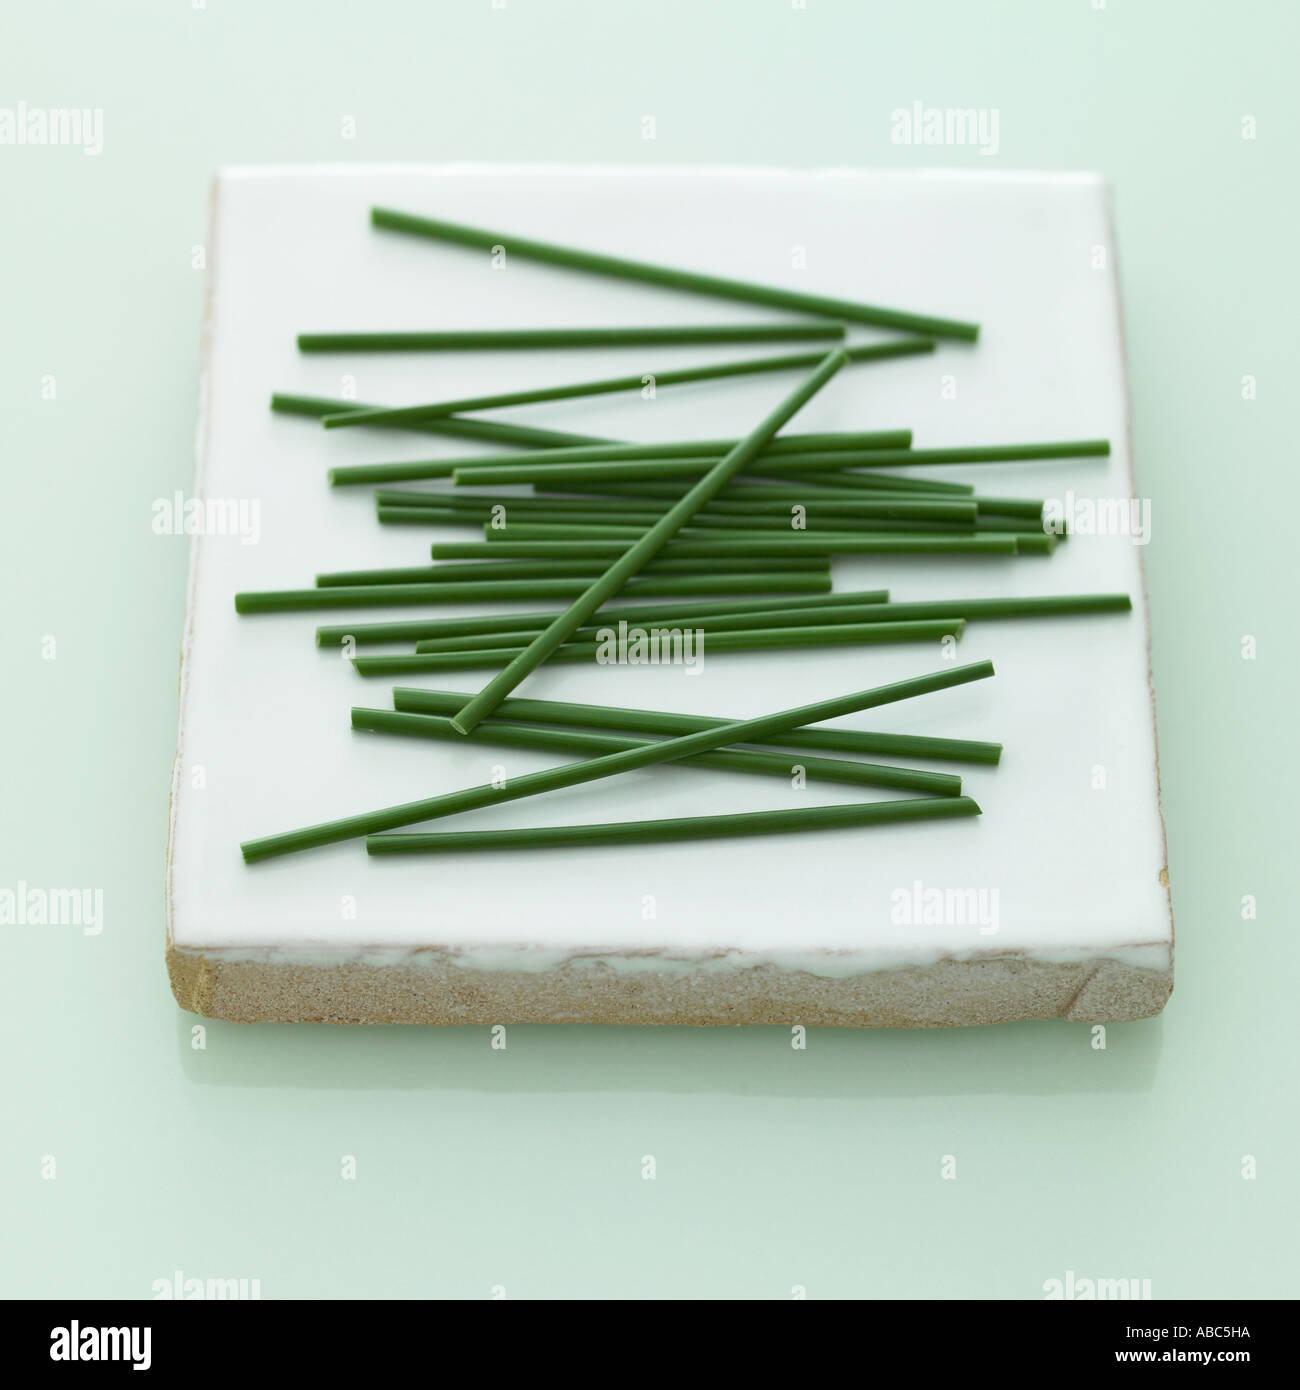 Erba cipollina - uno di una serie di simili immagini di erbe Immagini Stock